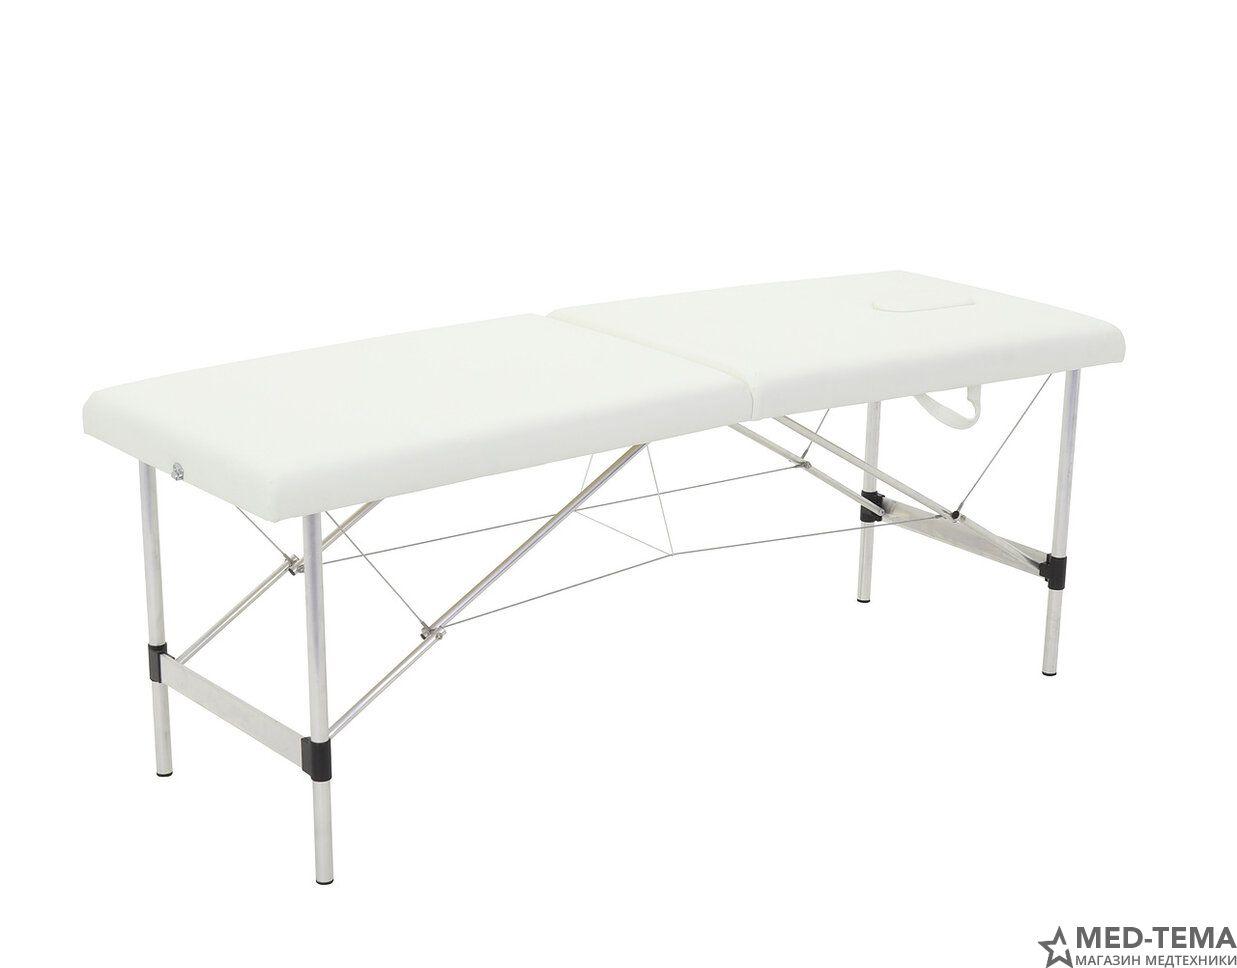 Массажный стол складной алюминиевый с регулировкой высоты JFAL01-F (PA2.00.00A)